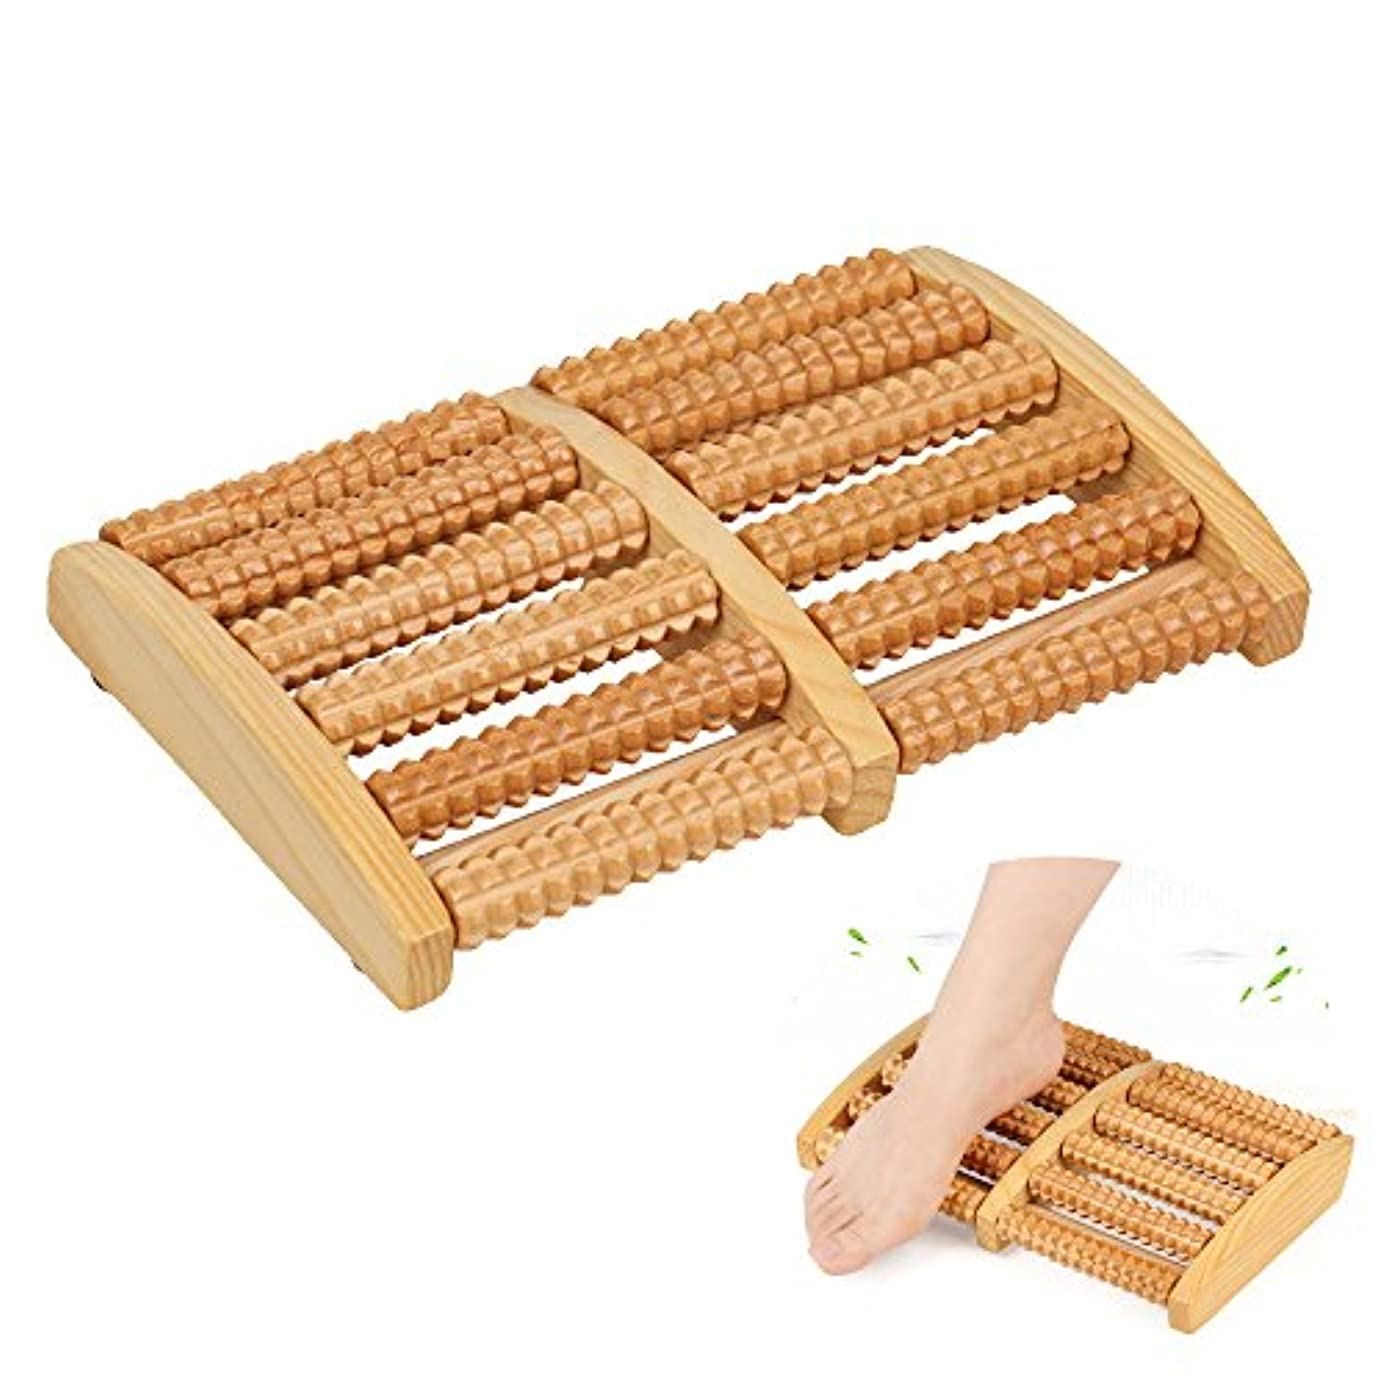 付与癌節約マッサージャー 木製 ローラータイプ 足 マッサージ リラックス ツール